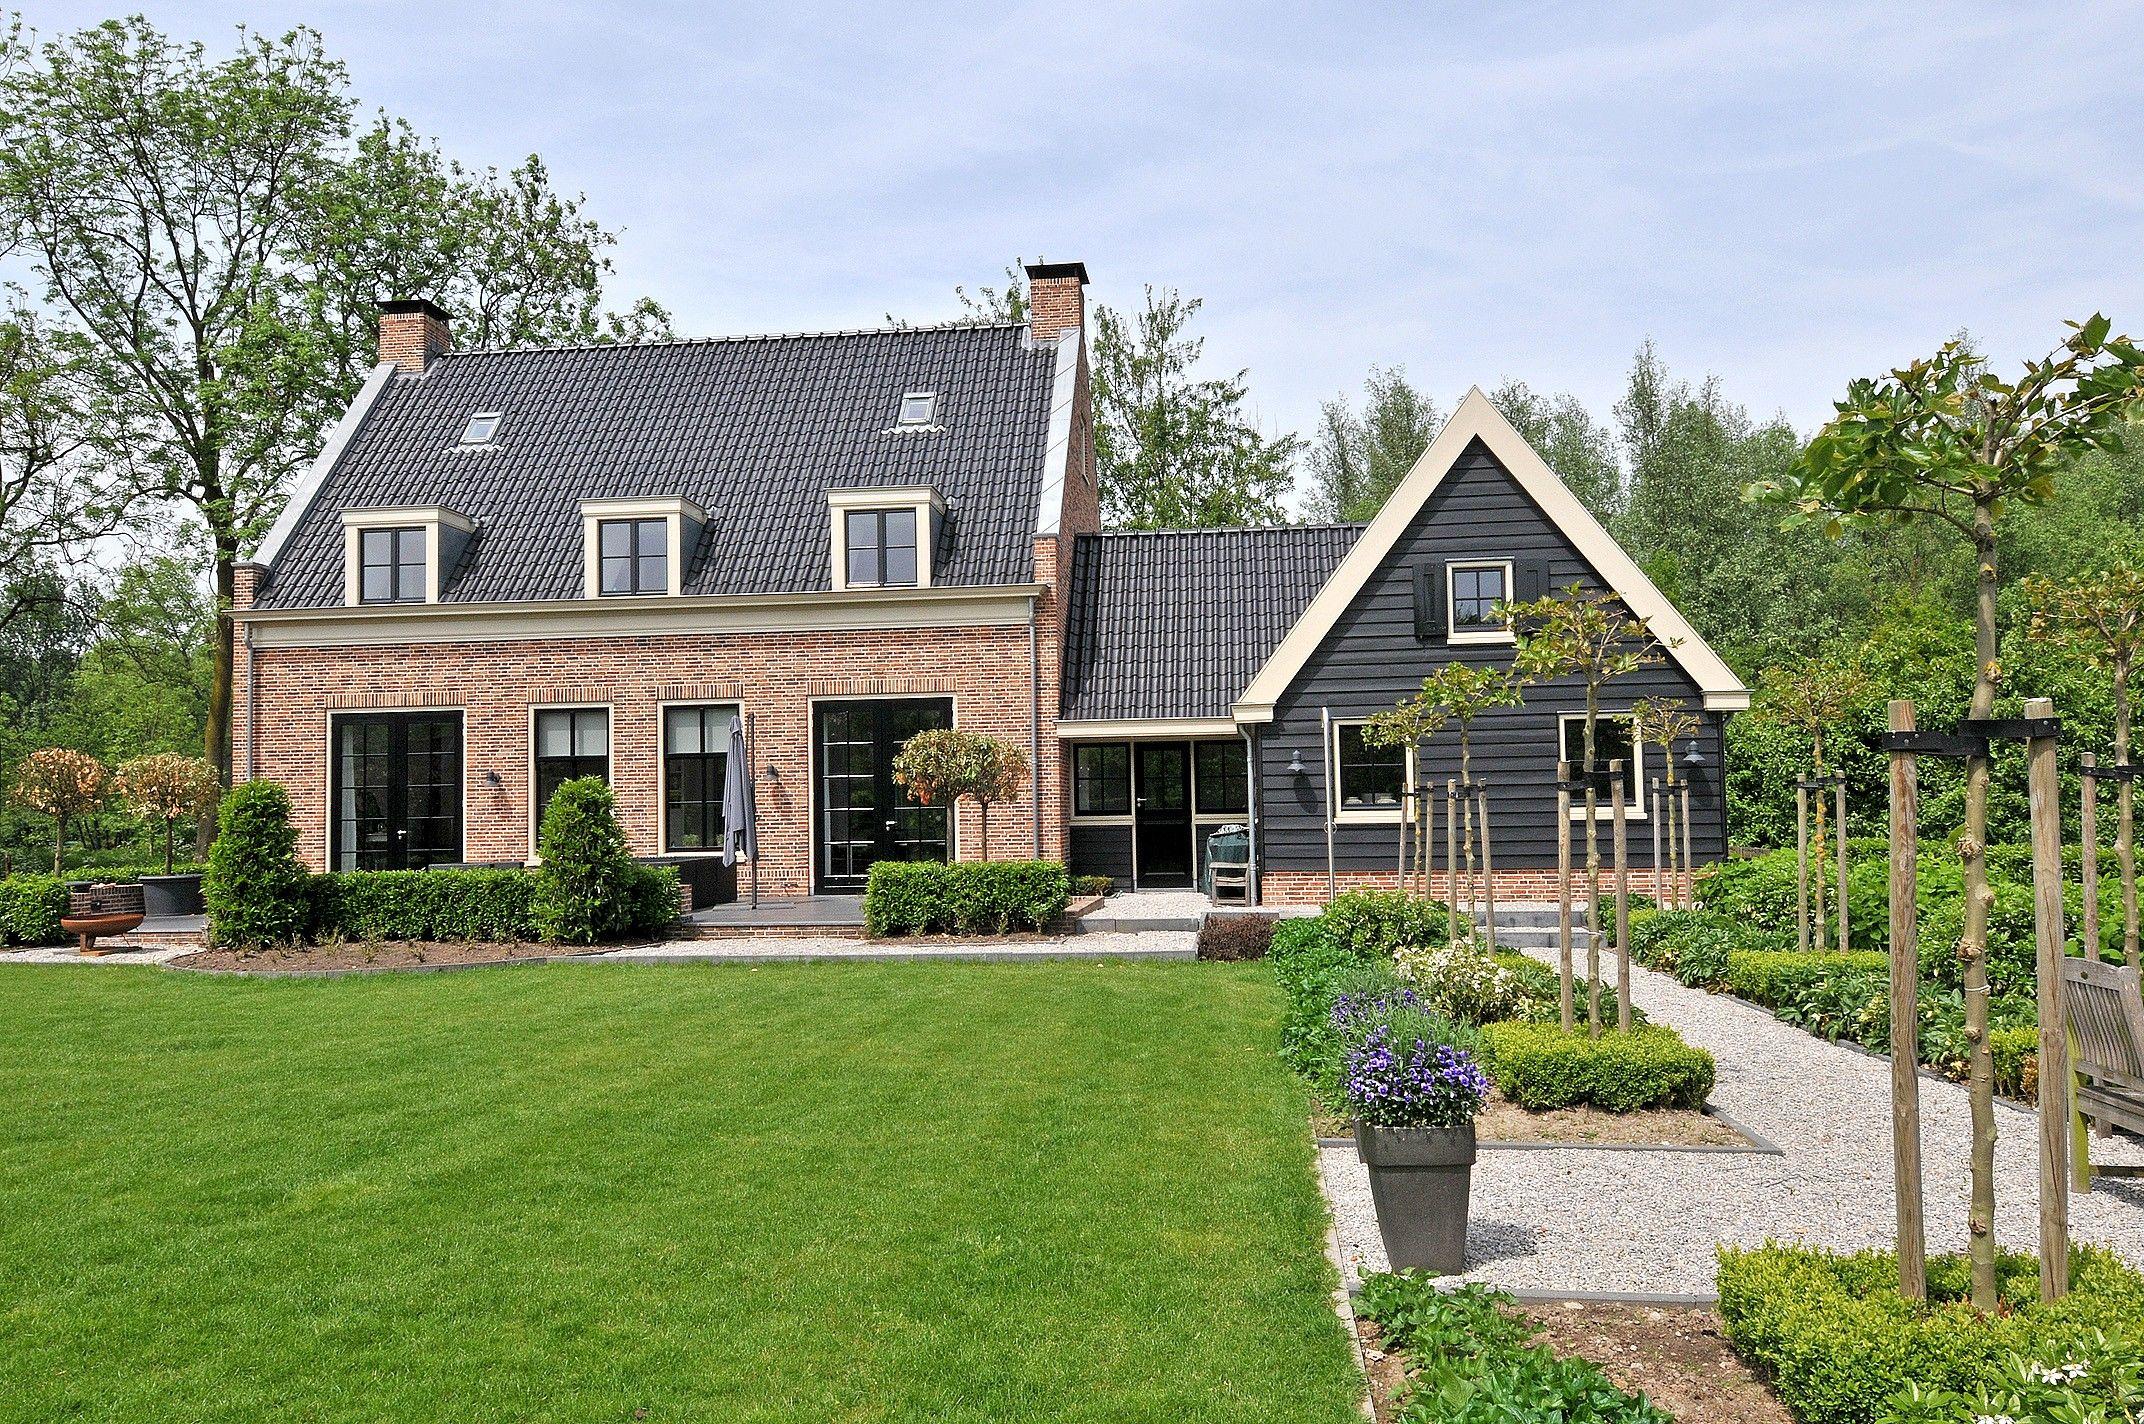 Van der werf makelaars viaanse bos 1 te vianen houses for Van der meer makelaars